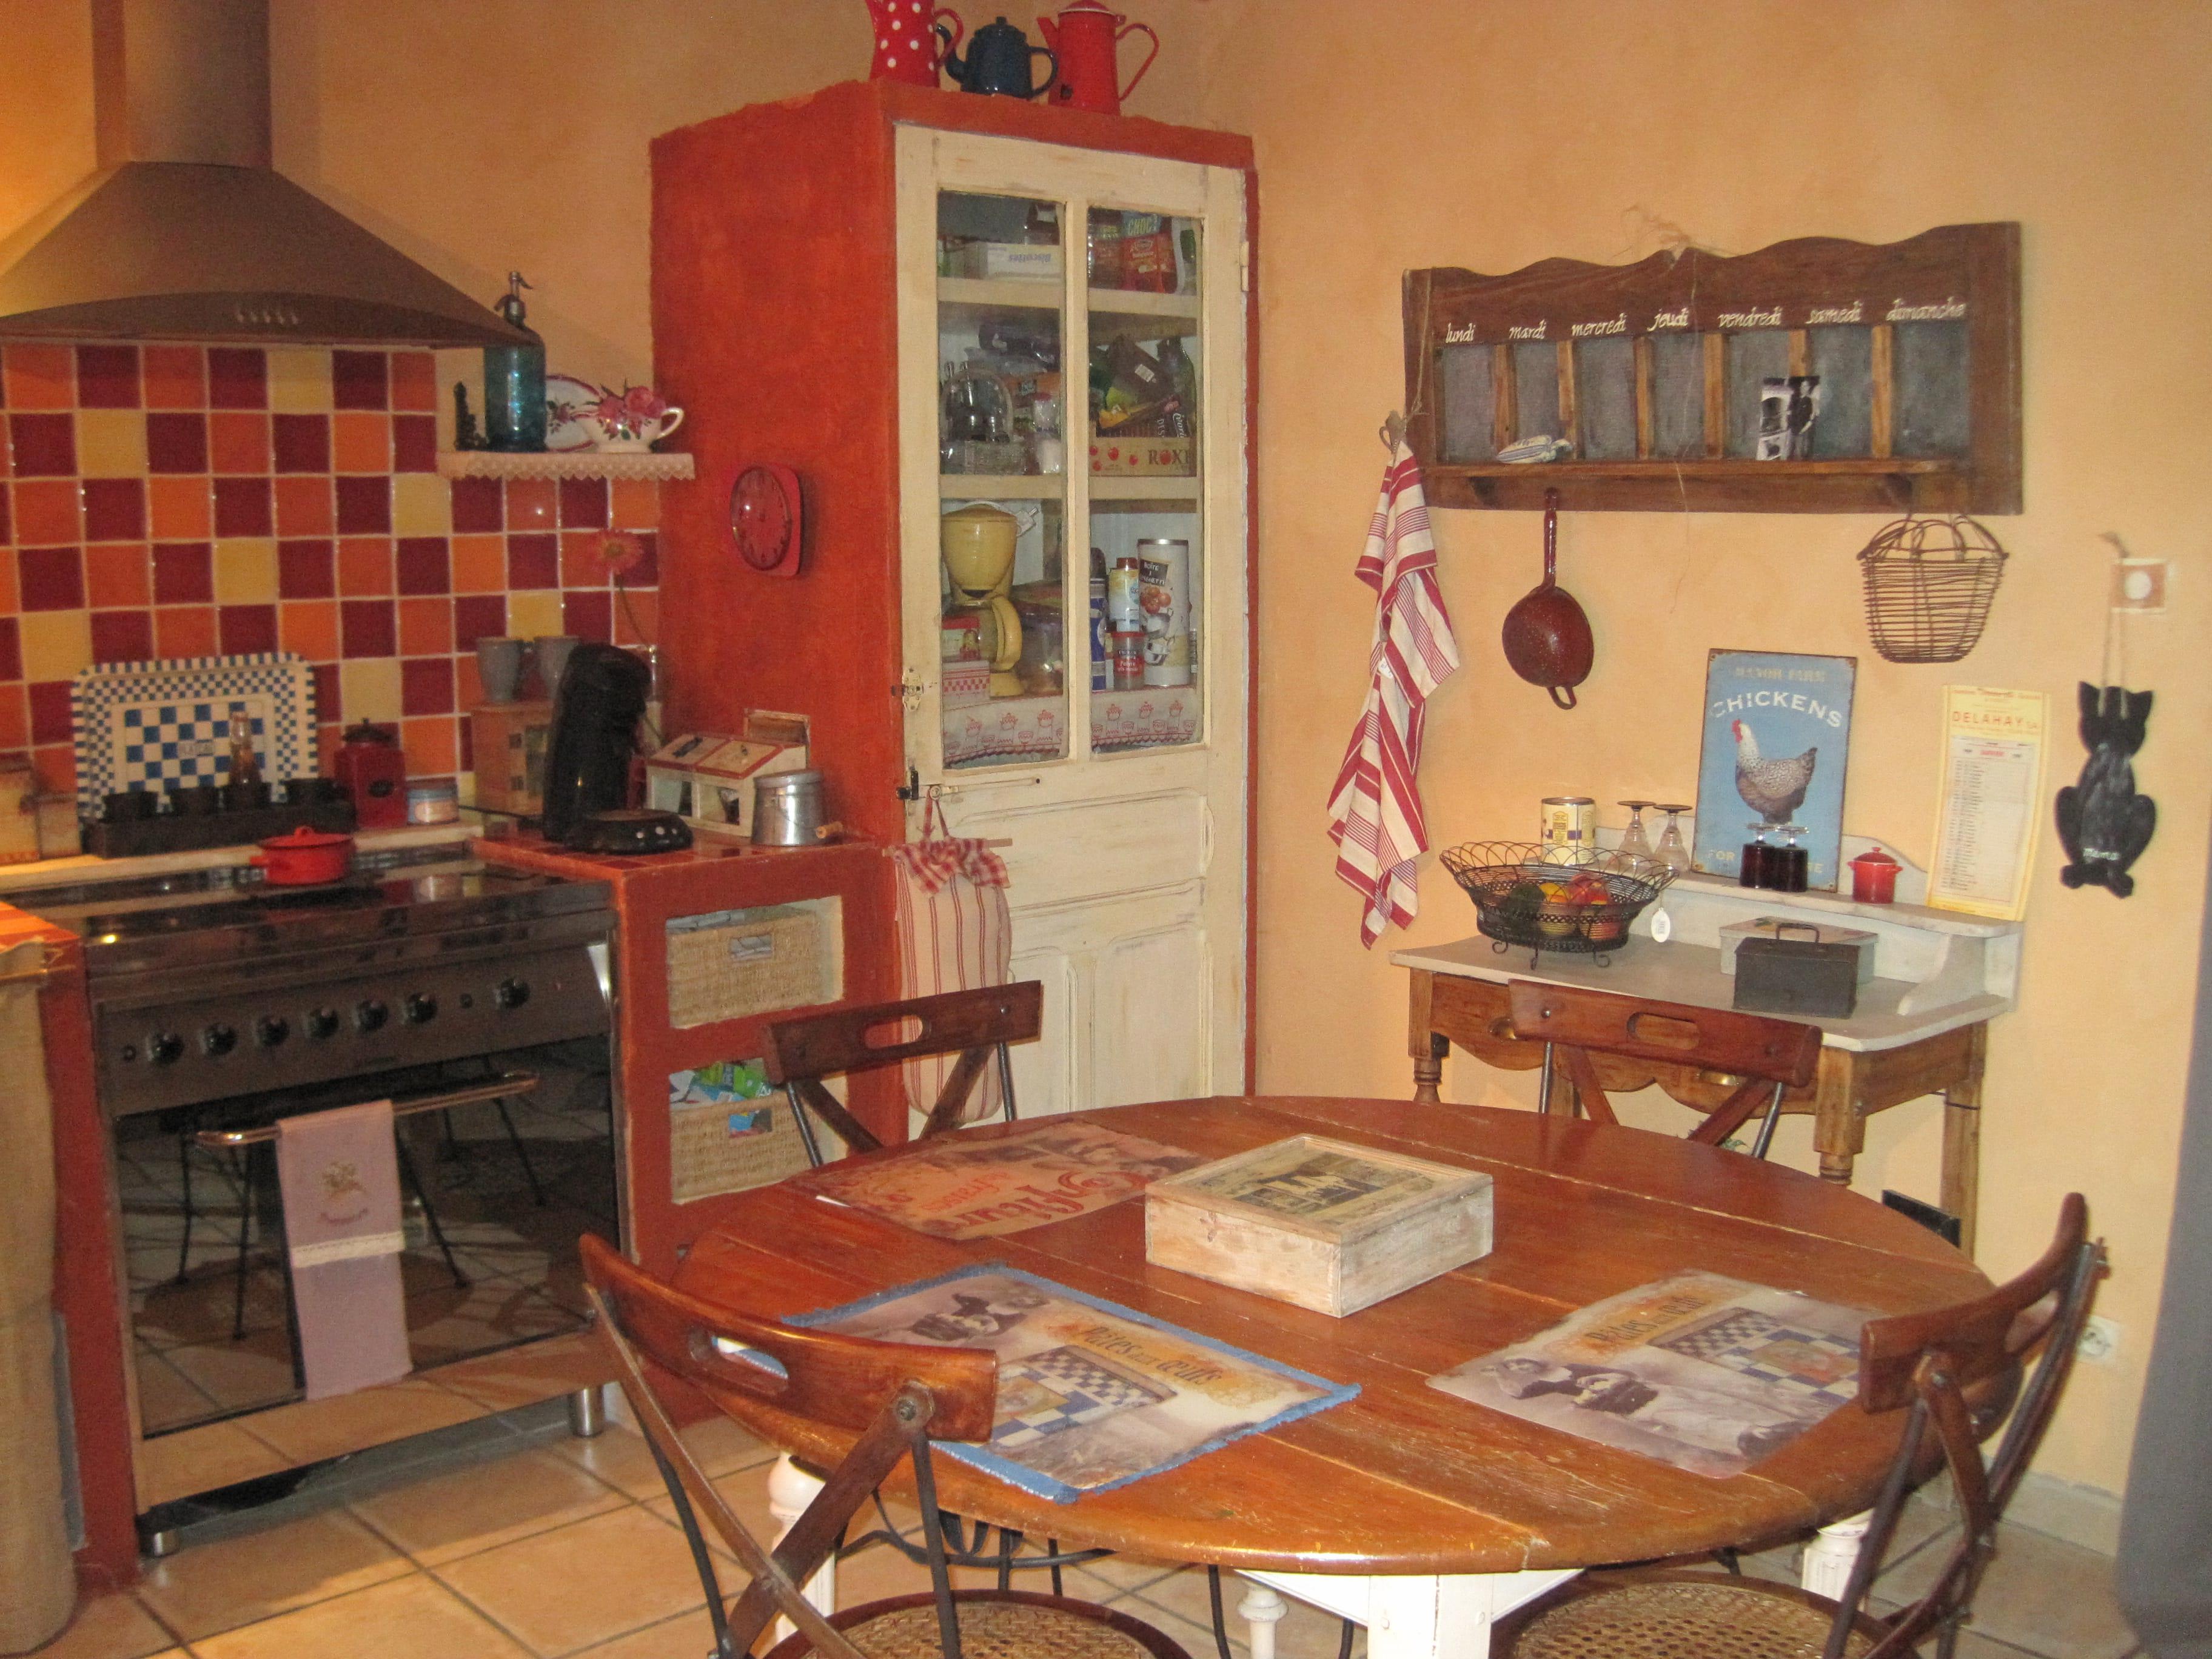 Cuisine l 39 ancienne les plus belles cuisines de lectrices journal de - Cuisine a l ancienne ...